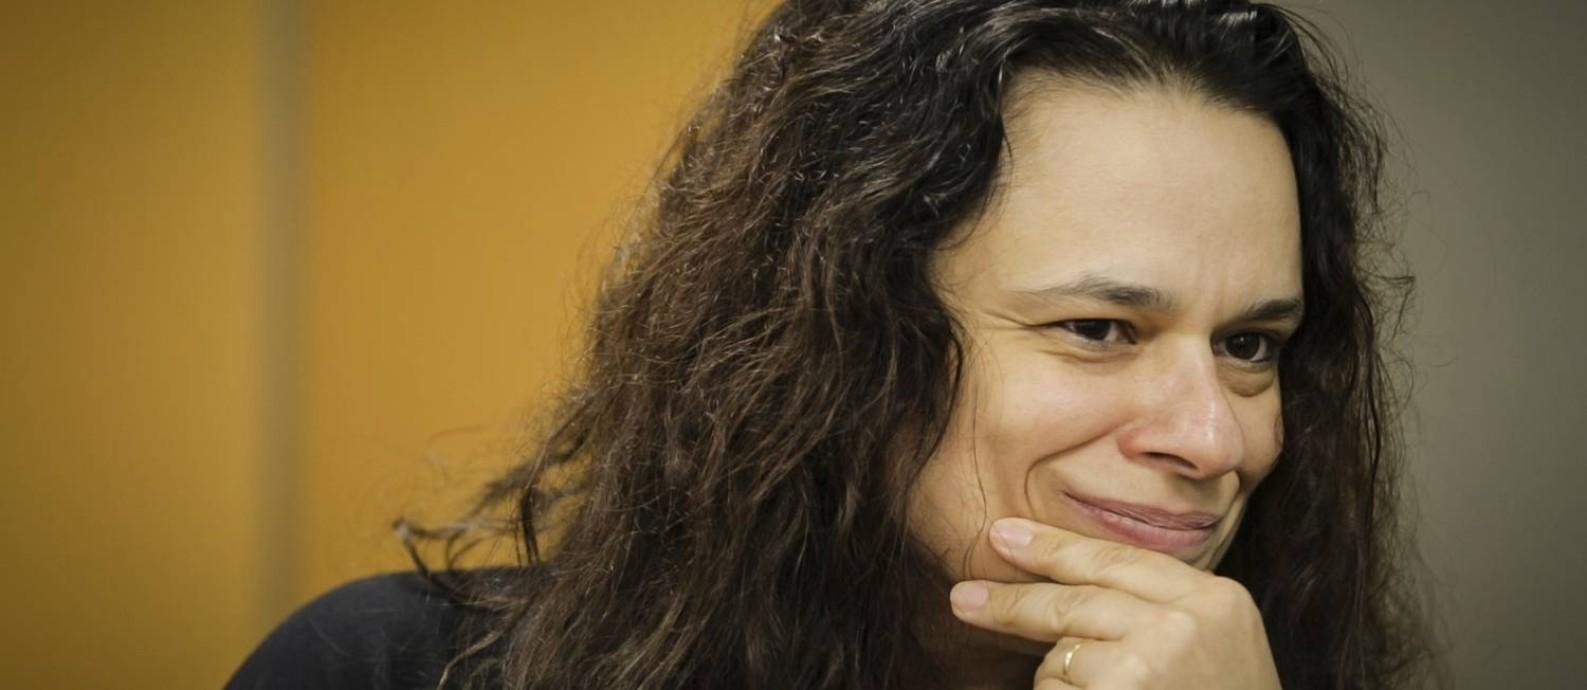 A advogada Janaina Paschoal é uma das entrevistadas da série Década de rupturas Foto: Fernando Lemos / Agência O Globo